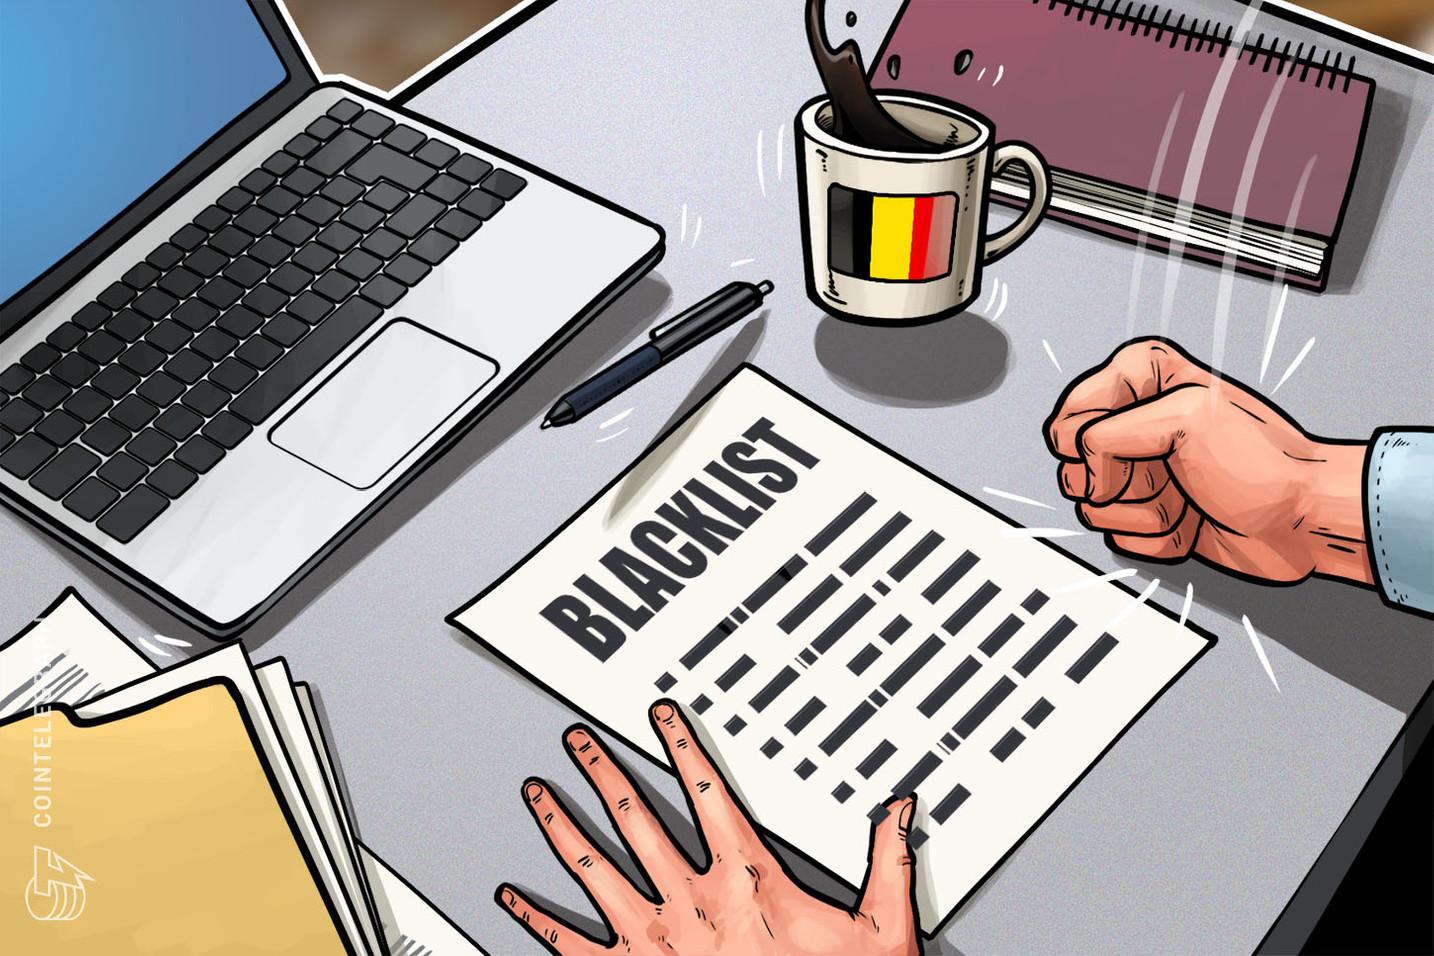 벨기에 규제당국, 9개 암호화폐사이트 블랙리스트에 추가